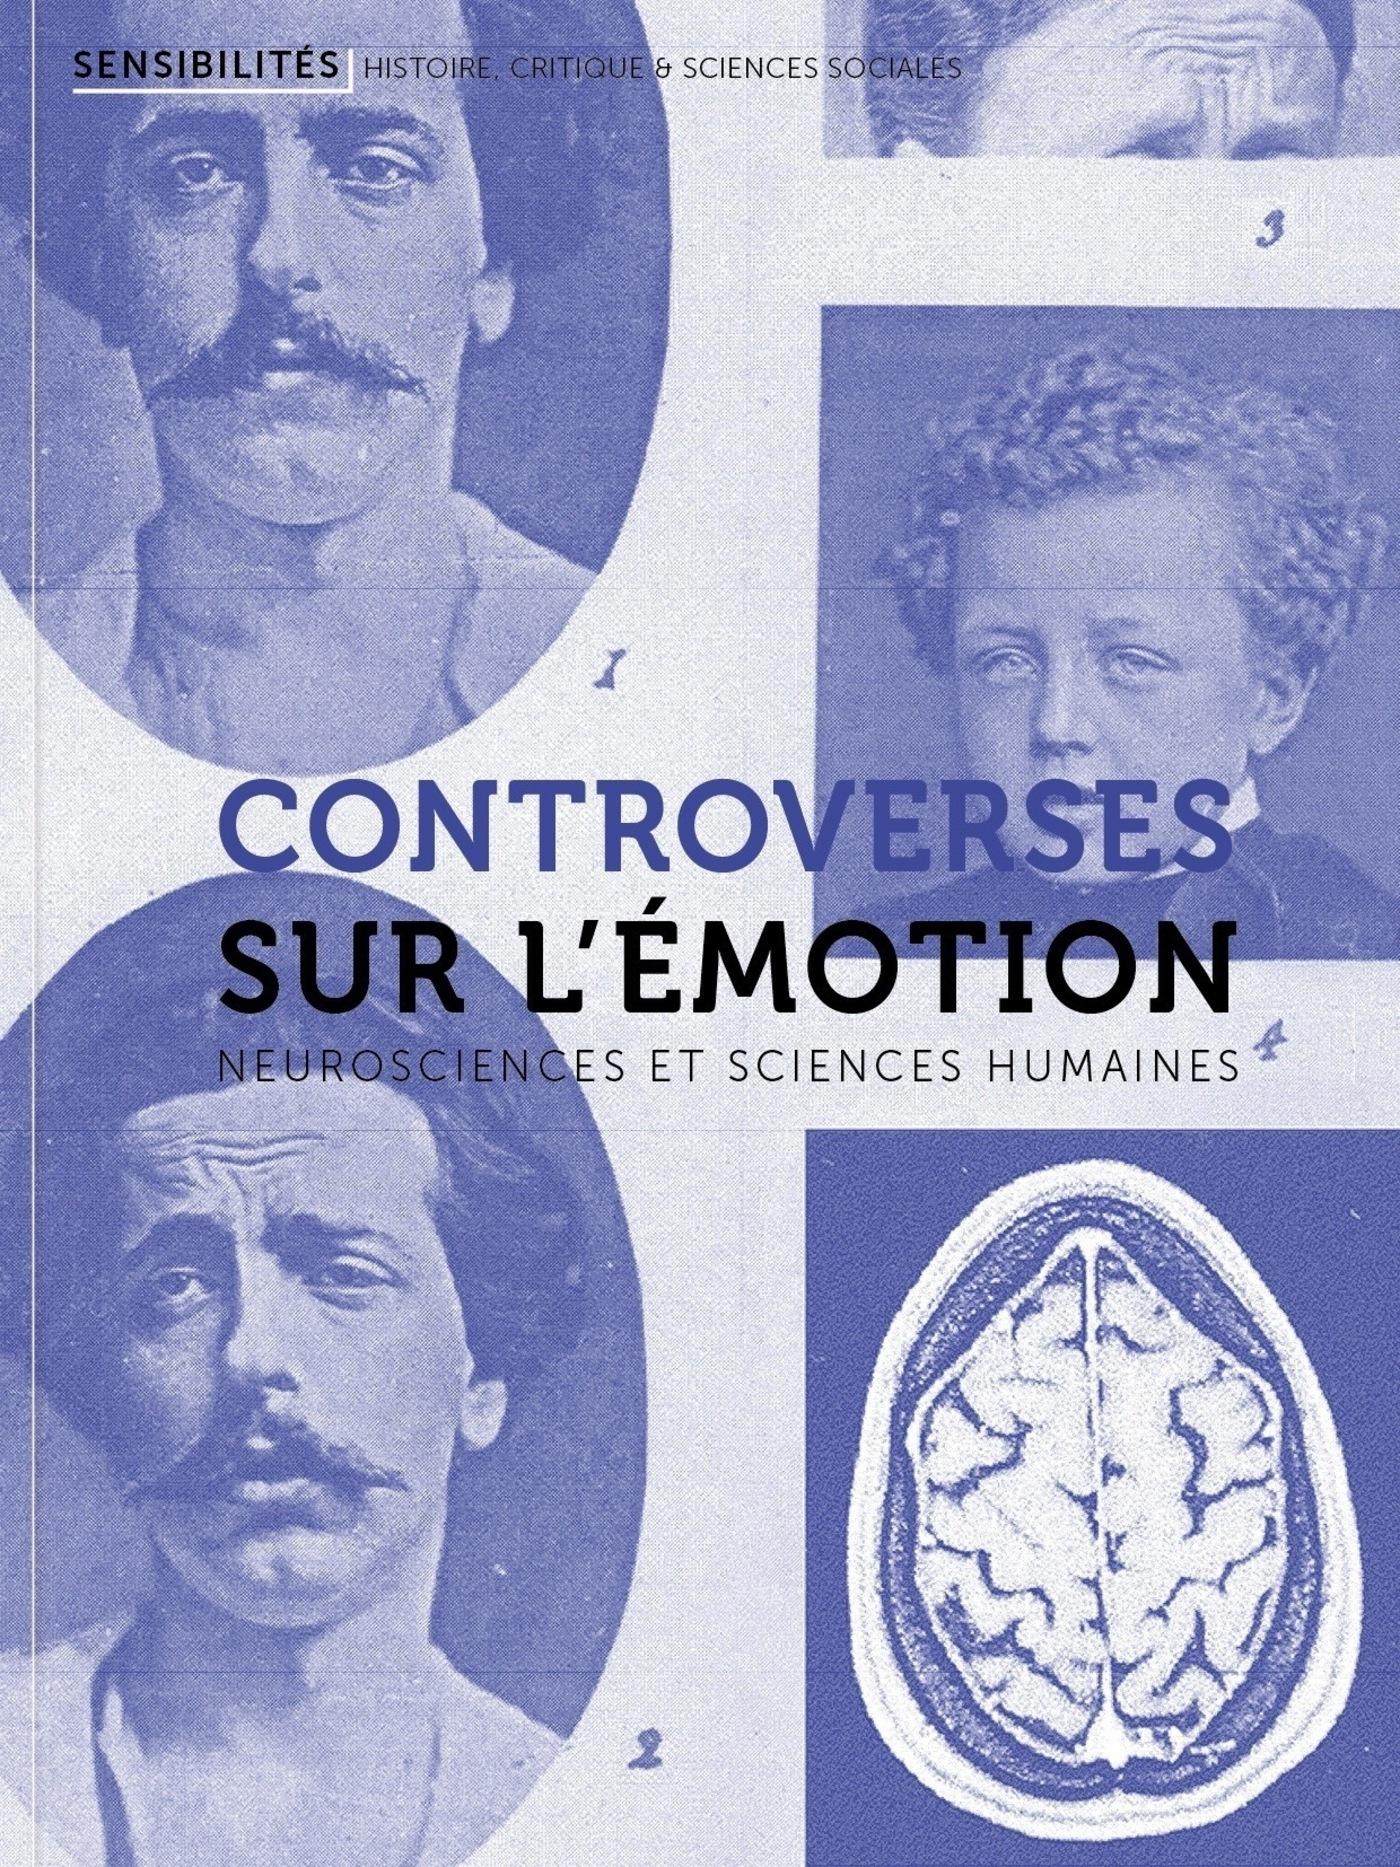 Controverses sur l'émotion, Neurosciences et sciences humaines